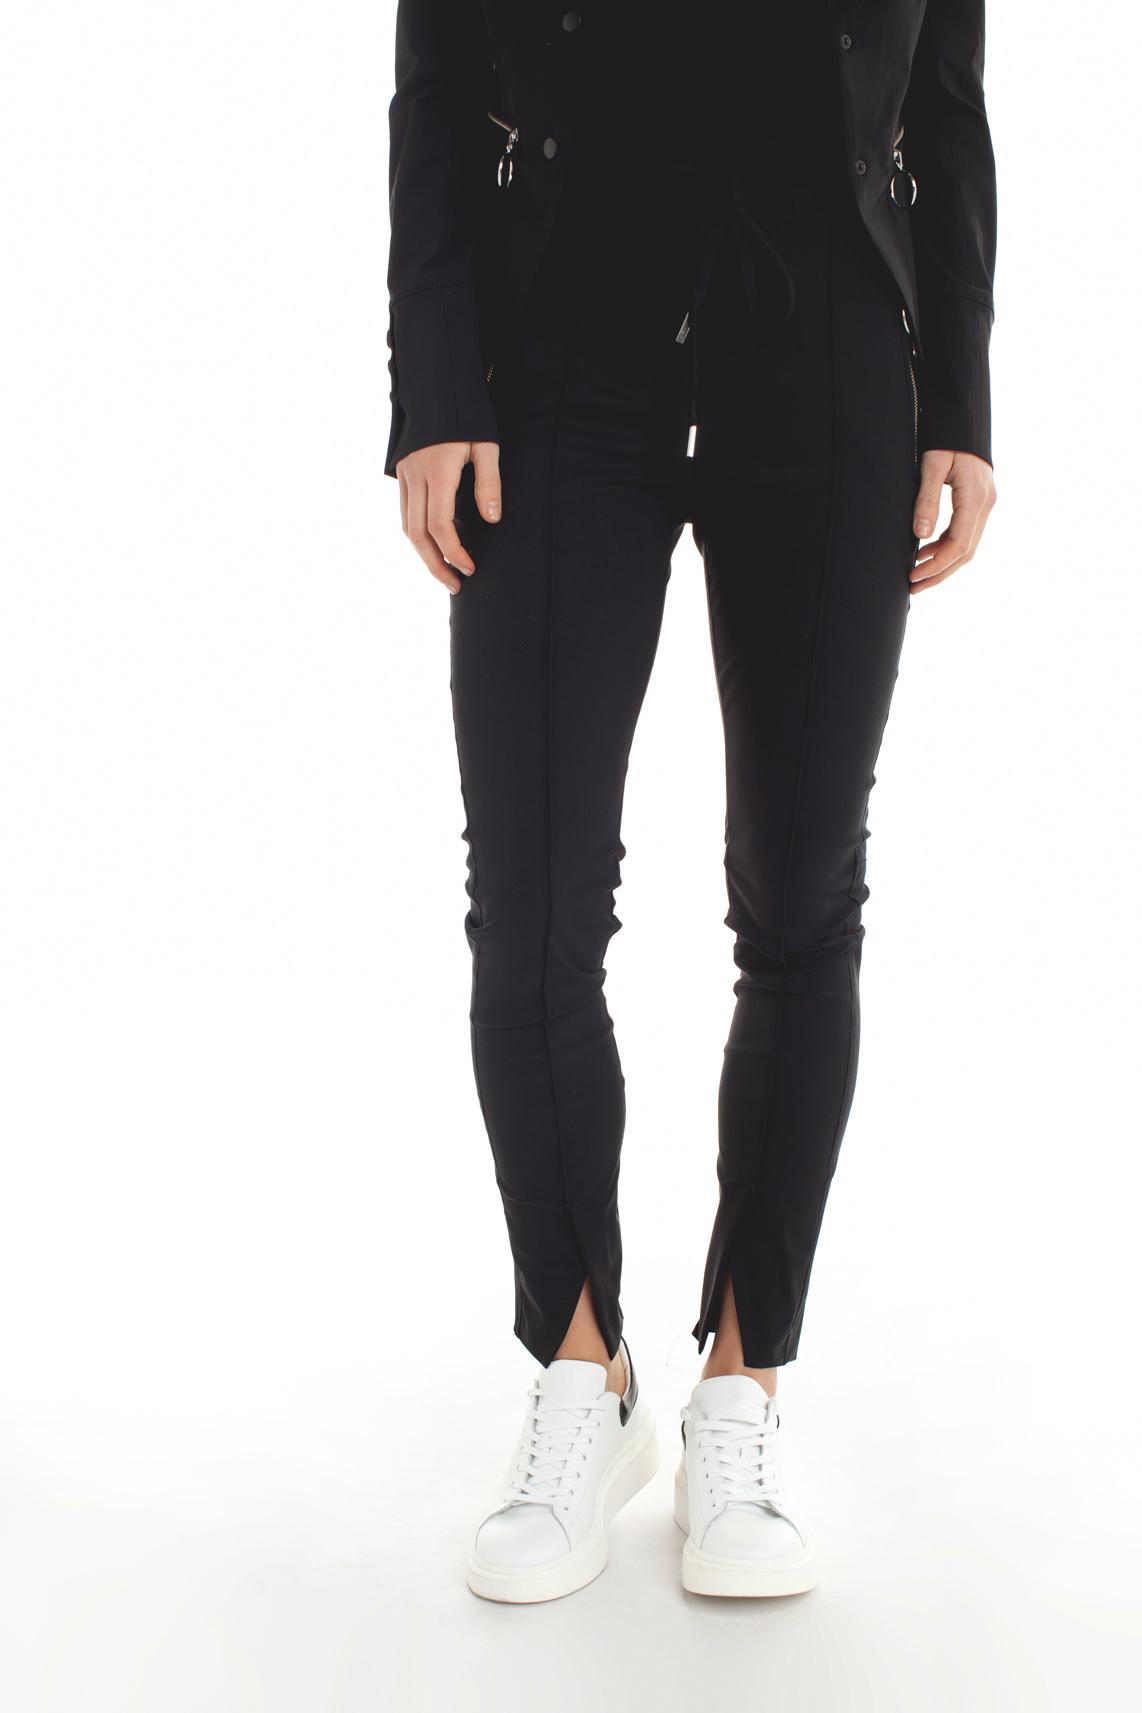 Jane Lushka Dames Comfortabele broek zwart